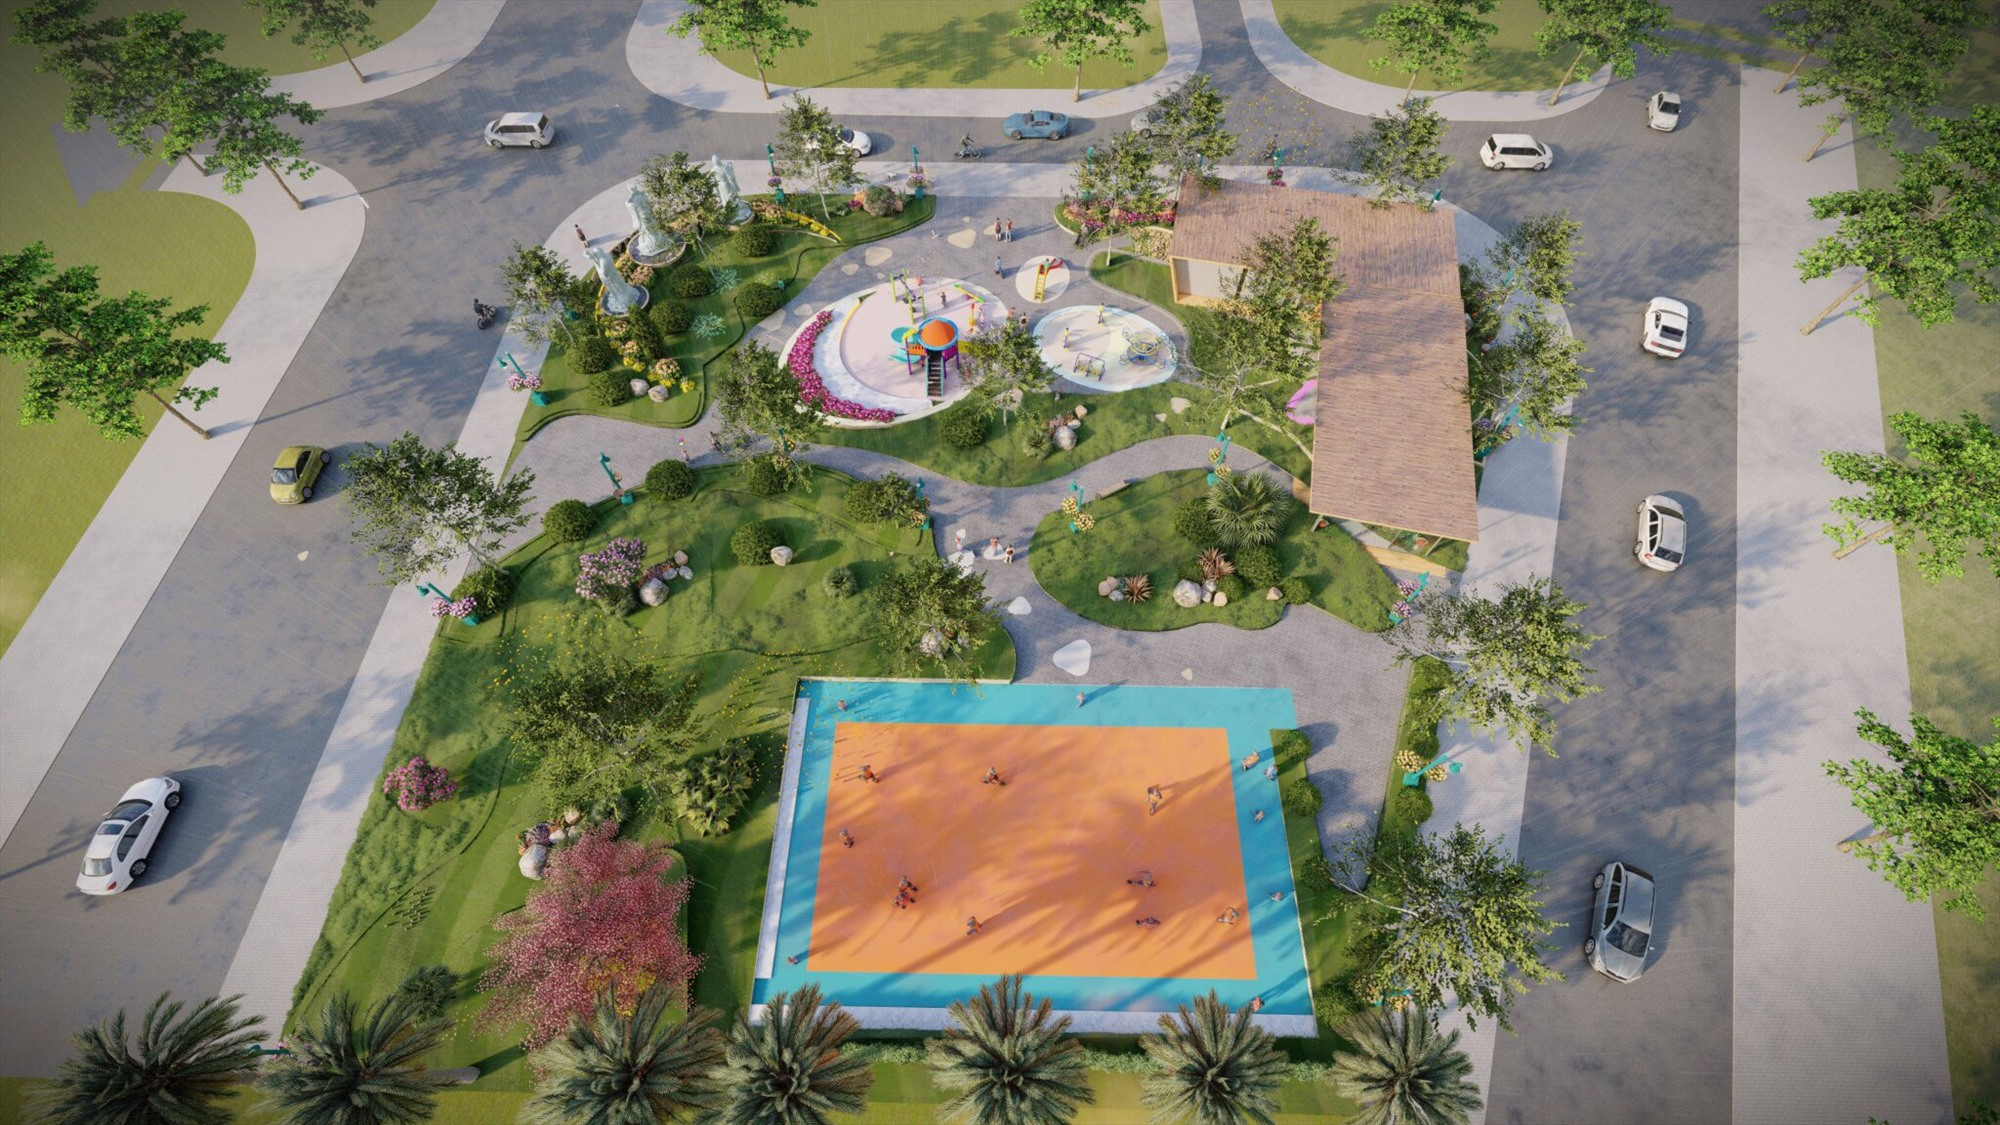 Các tiện ích như Công viên Phúc Lộc Thọ đang được thi công.